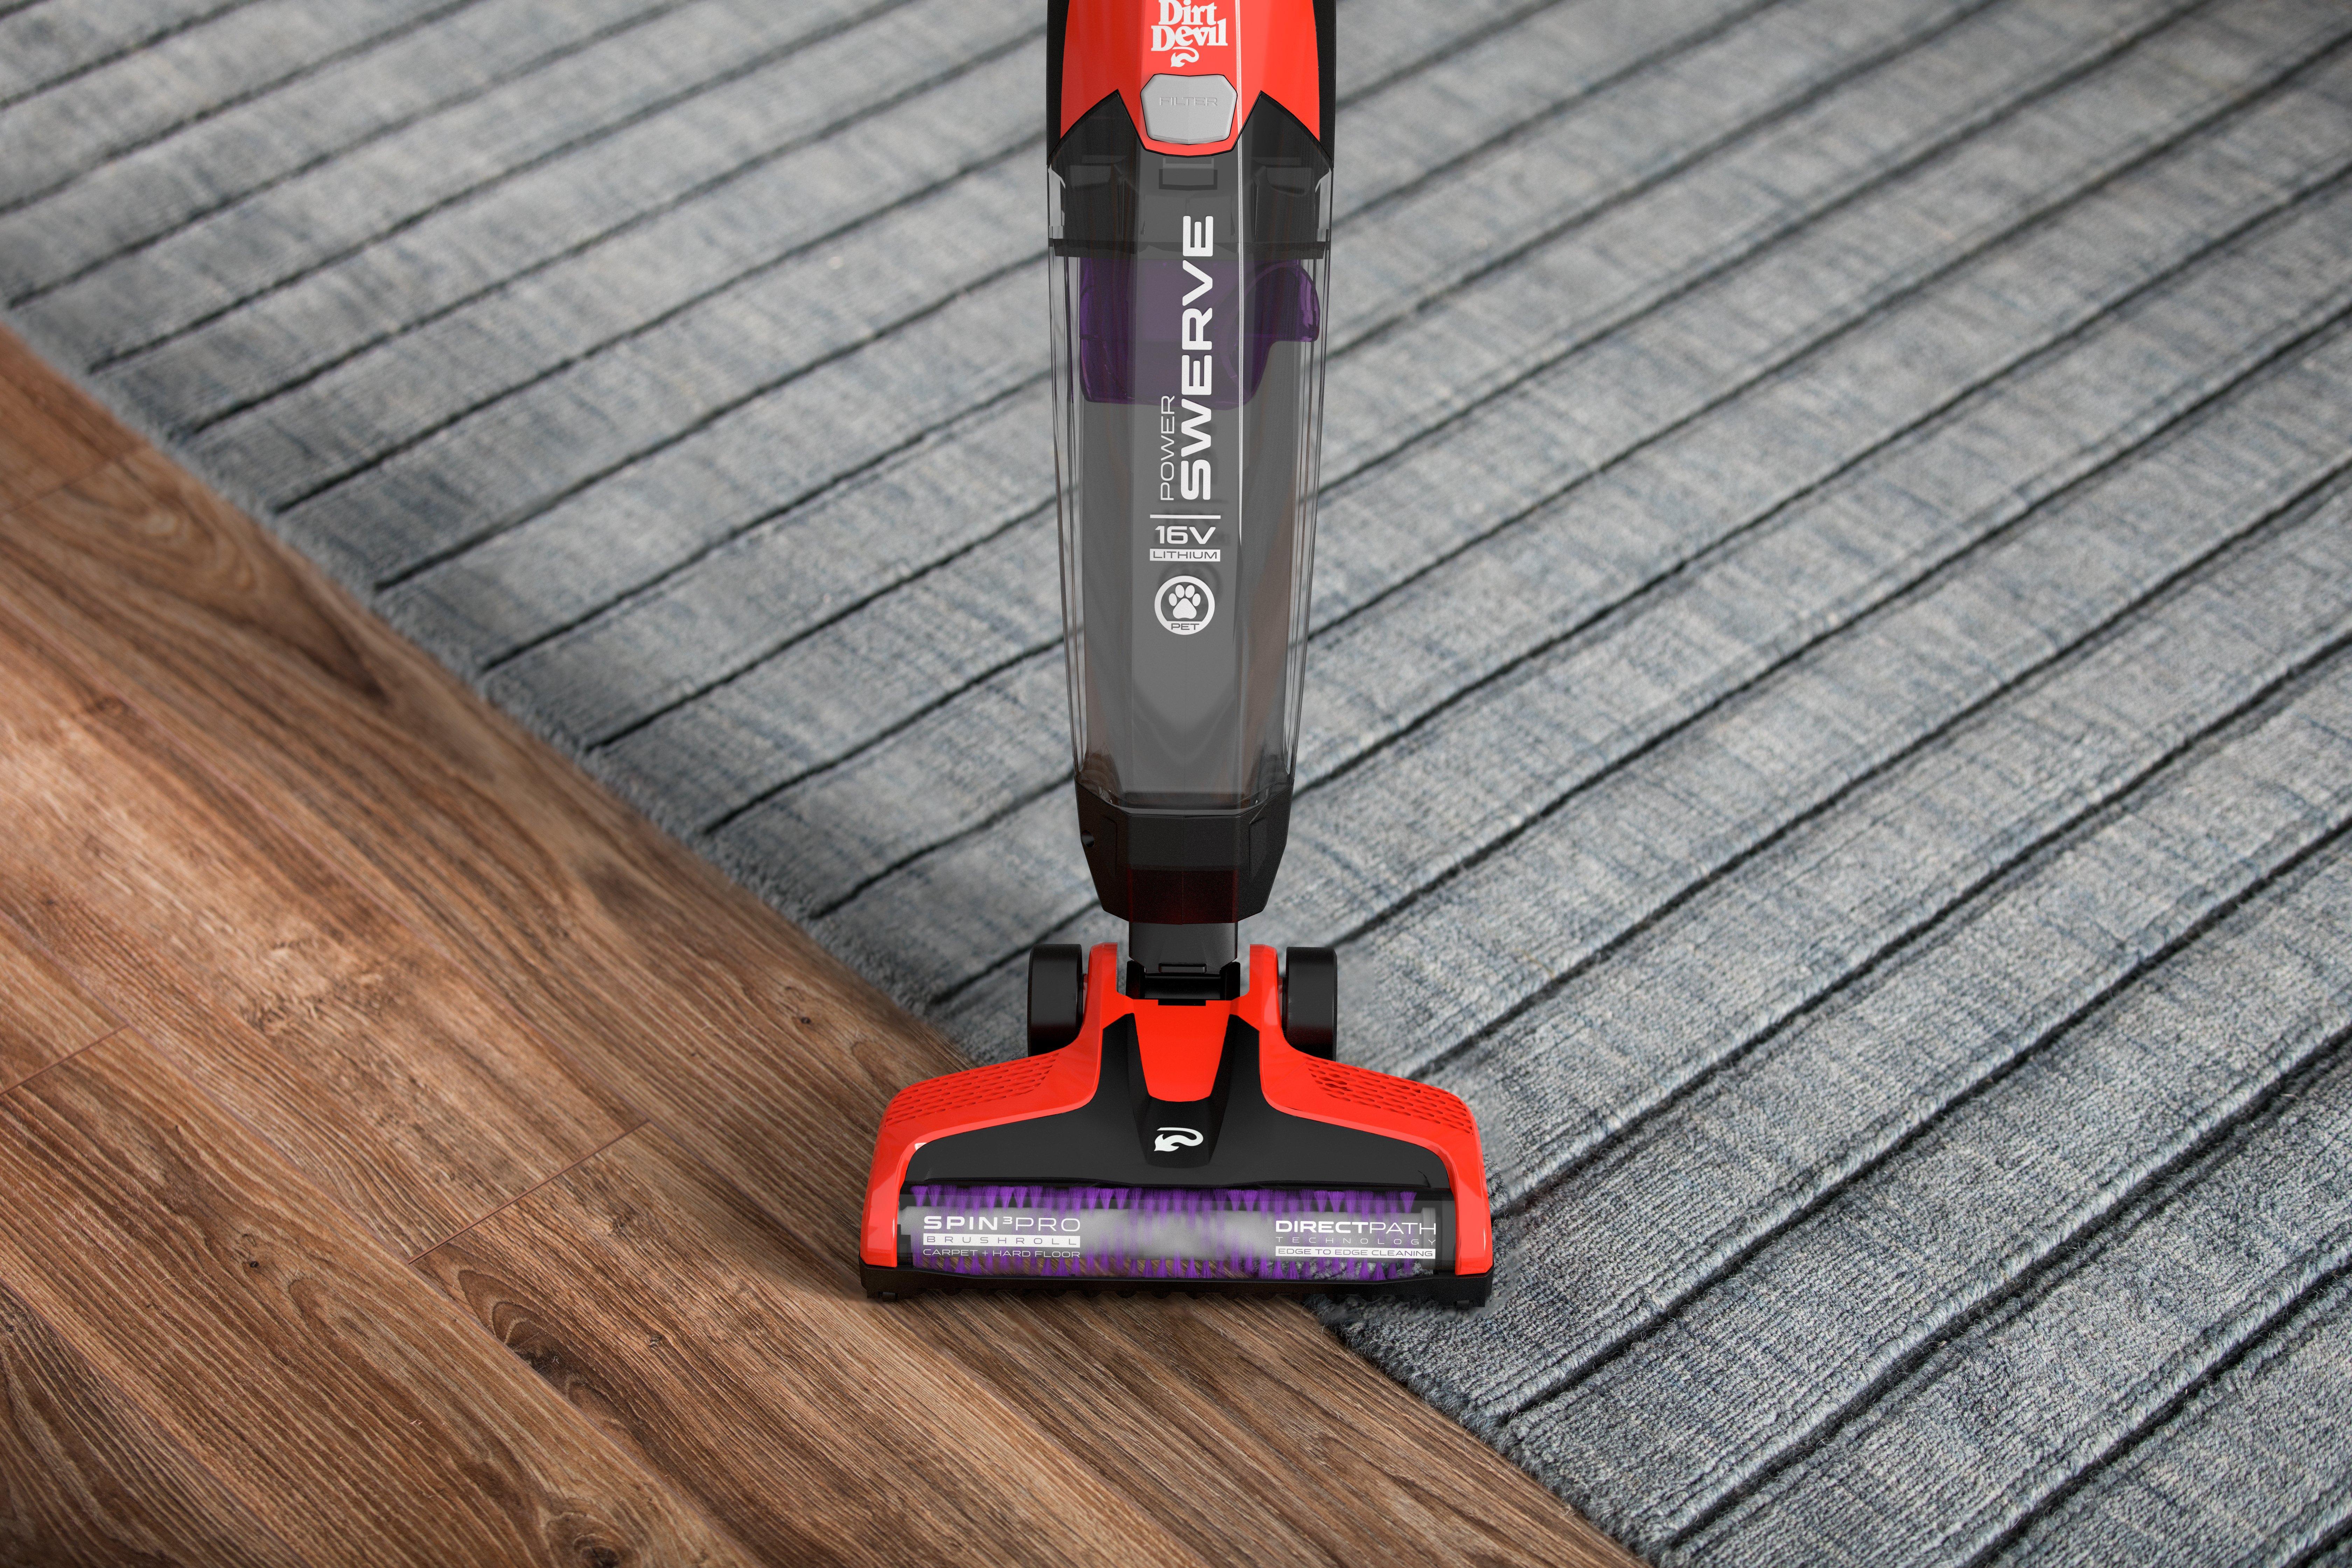 Power Swerve Pet Cordless Stick Vacuum6